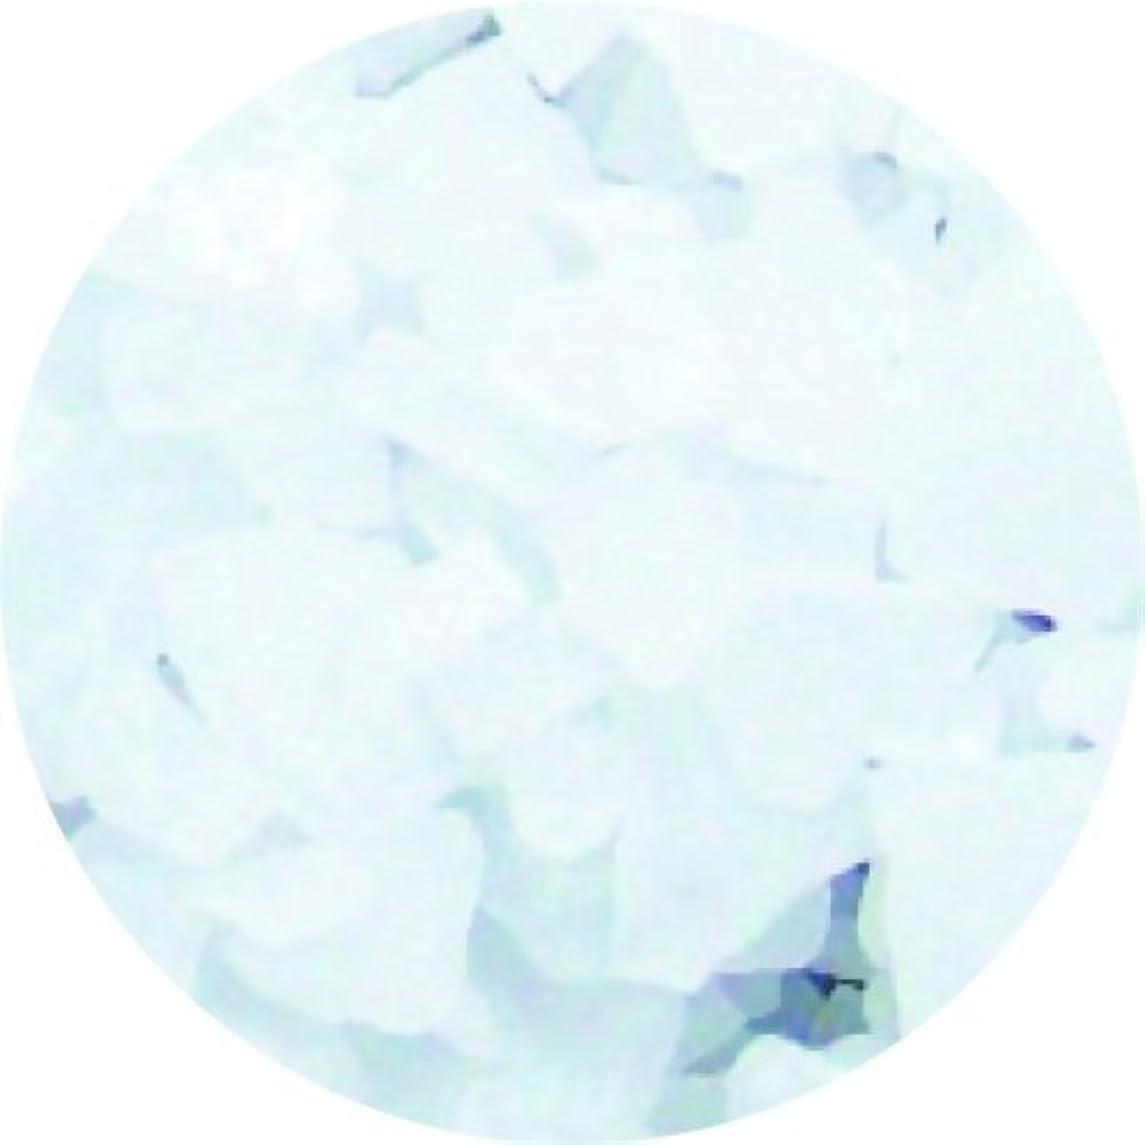 ビルダーローマ人ステープル死海の塩マグネシウムJ1kg